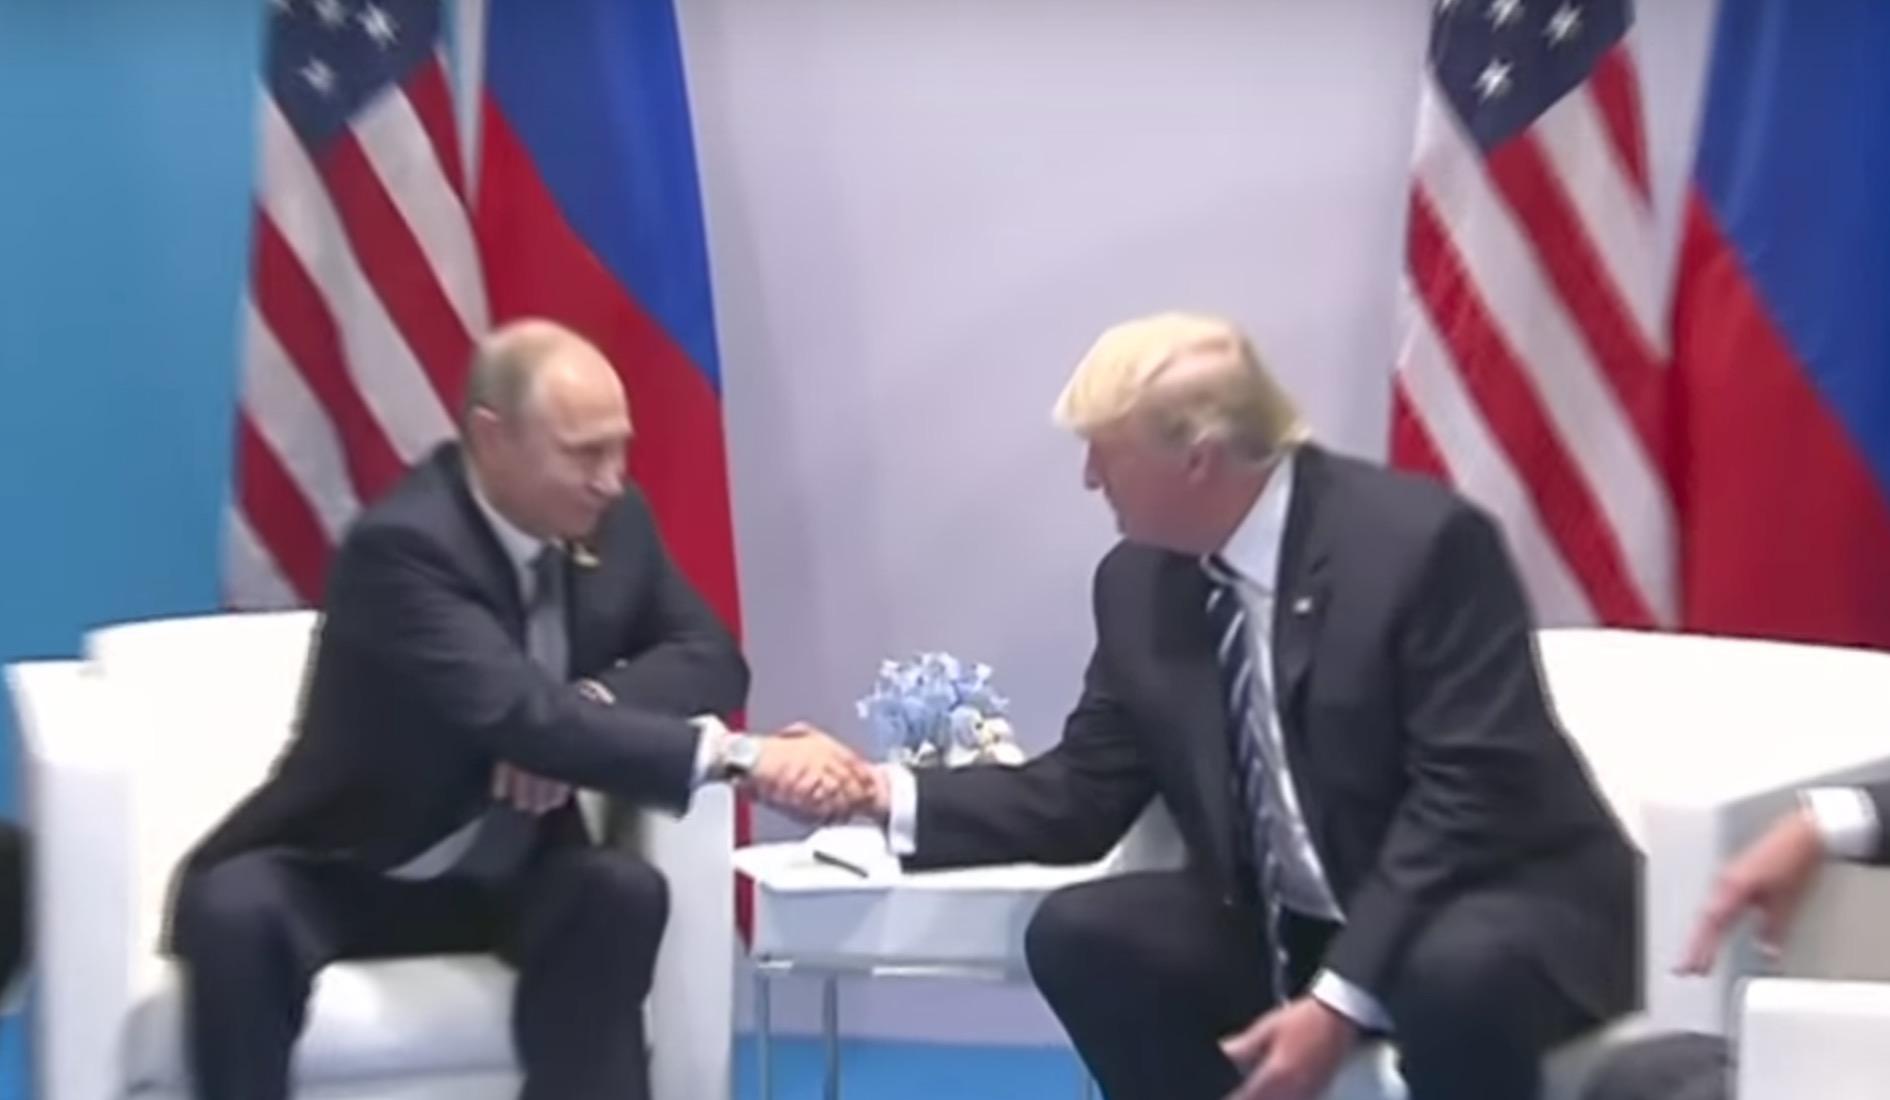 Встреча Путина и Трампа: все подробности - Korrespondent.net